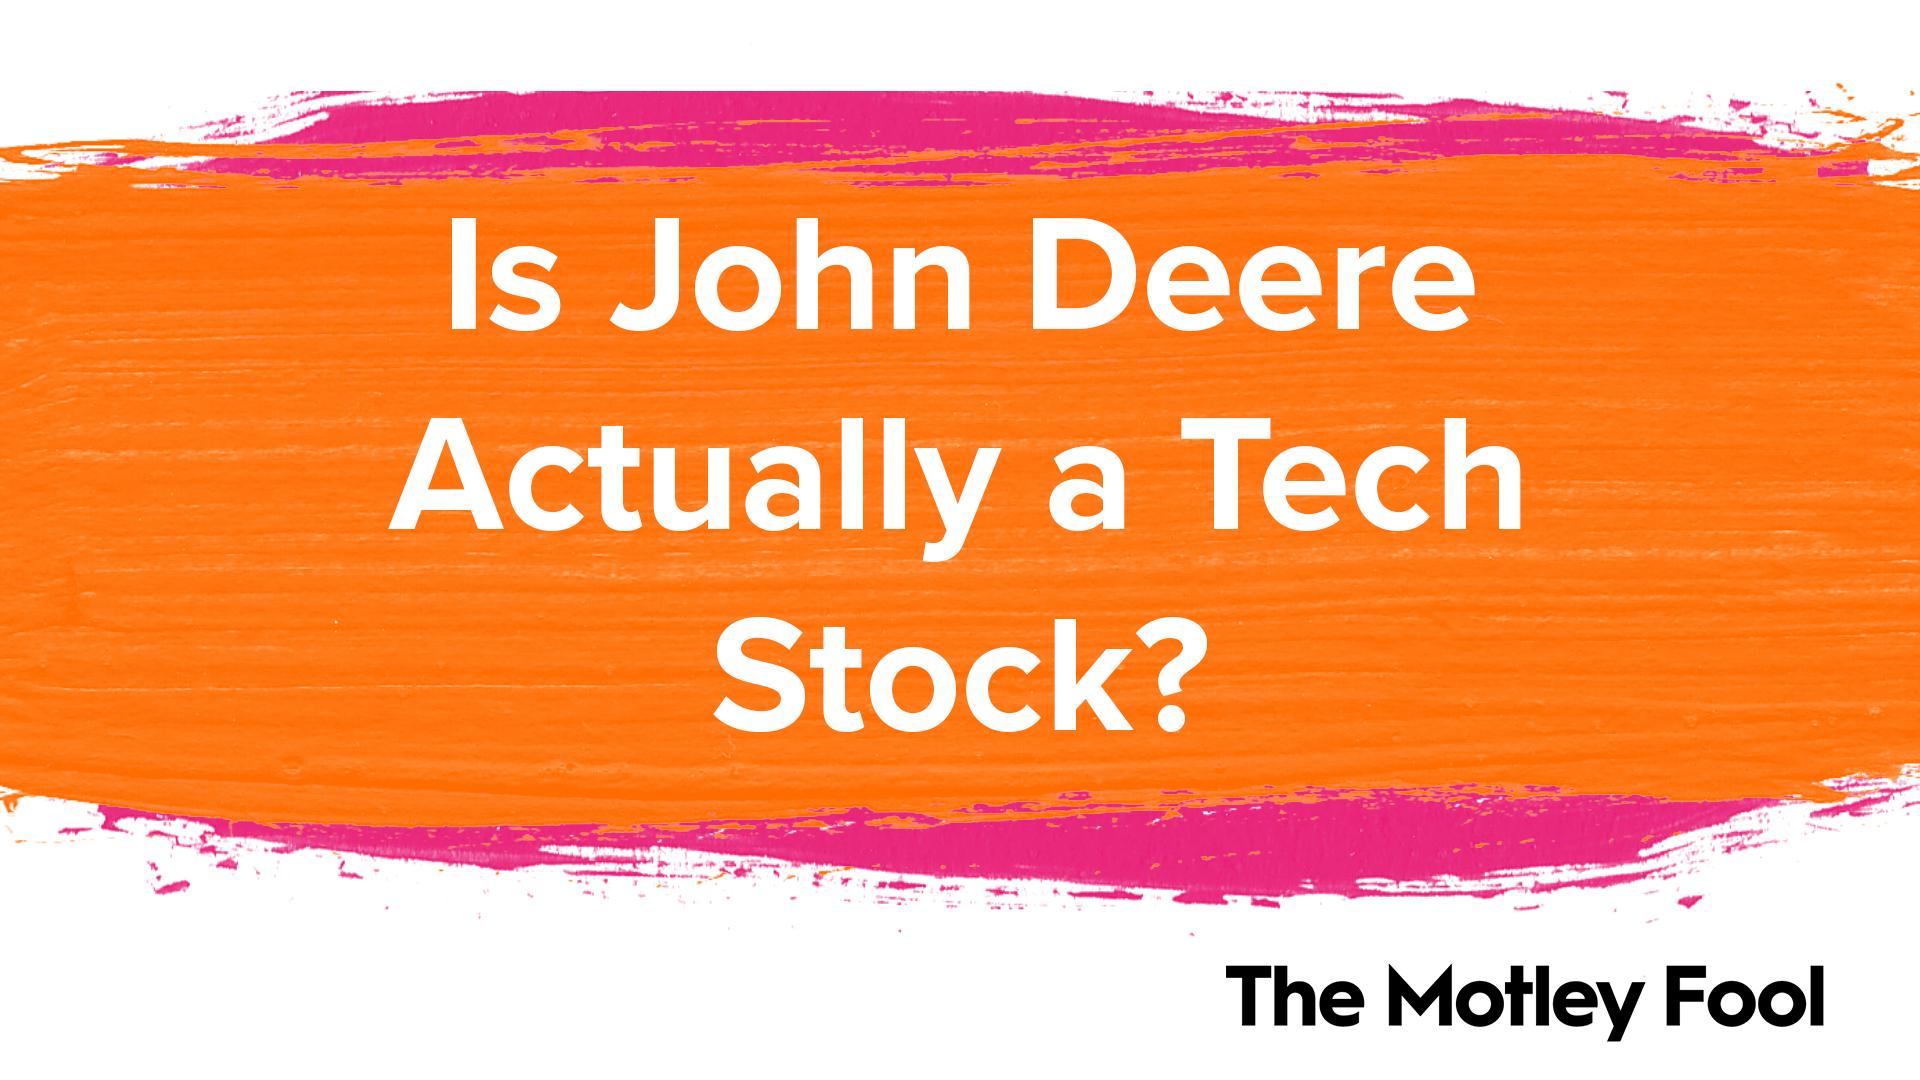 Is John Deere Actually a Tech Stock?